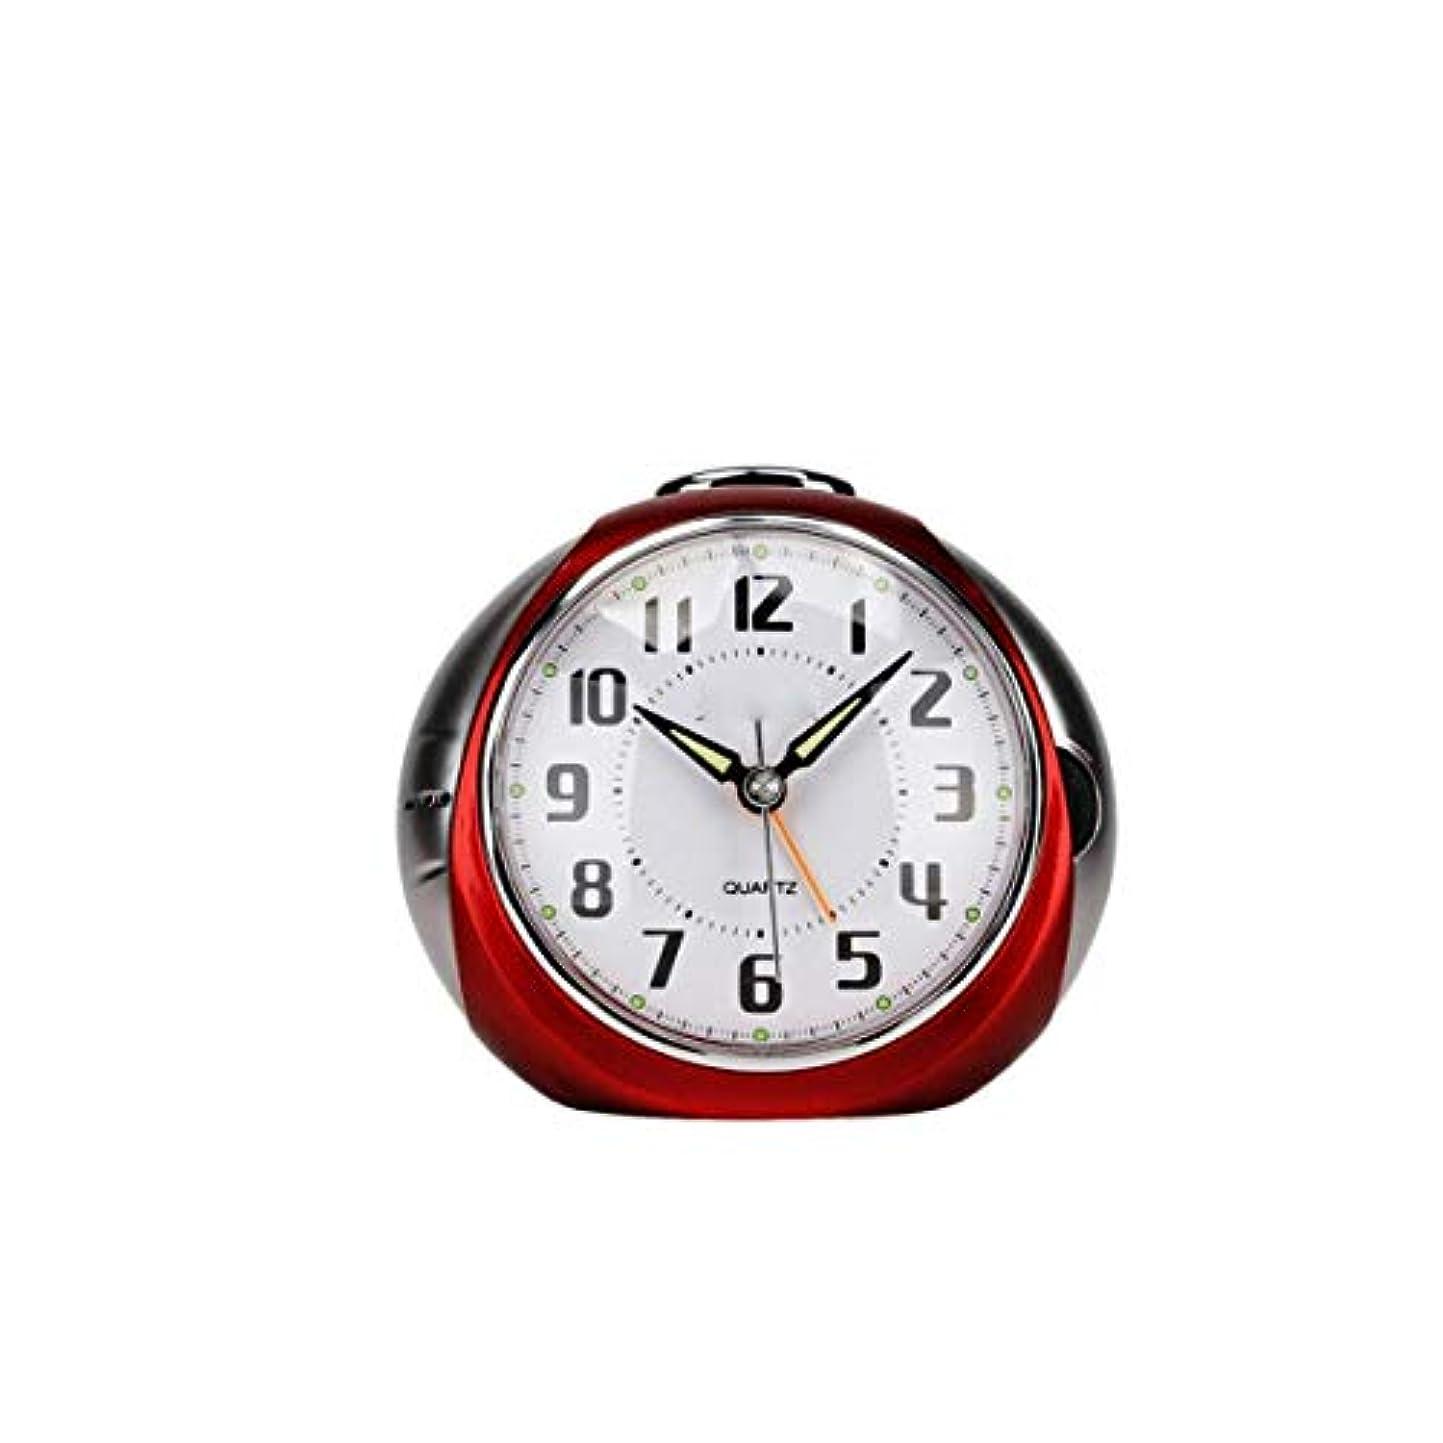 経験的やさしいくびれたQiyuezhuangshi001 目覚まし時計、電子時計、学生用クリエイティブ時計、多機能サイレント電子式小型目覚まし時計、発光ベッドサイドベル時計、青、 材料の安全性 (Color : Red)